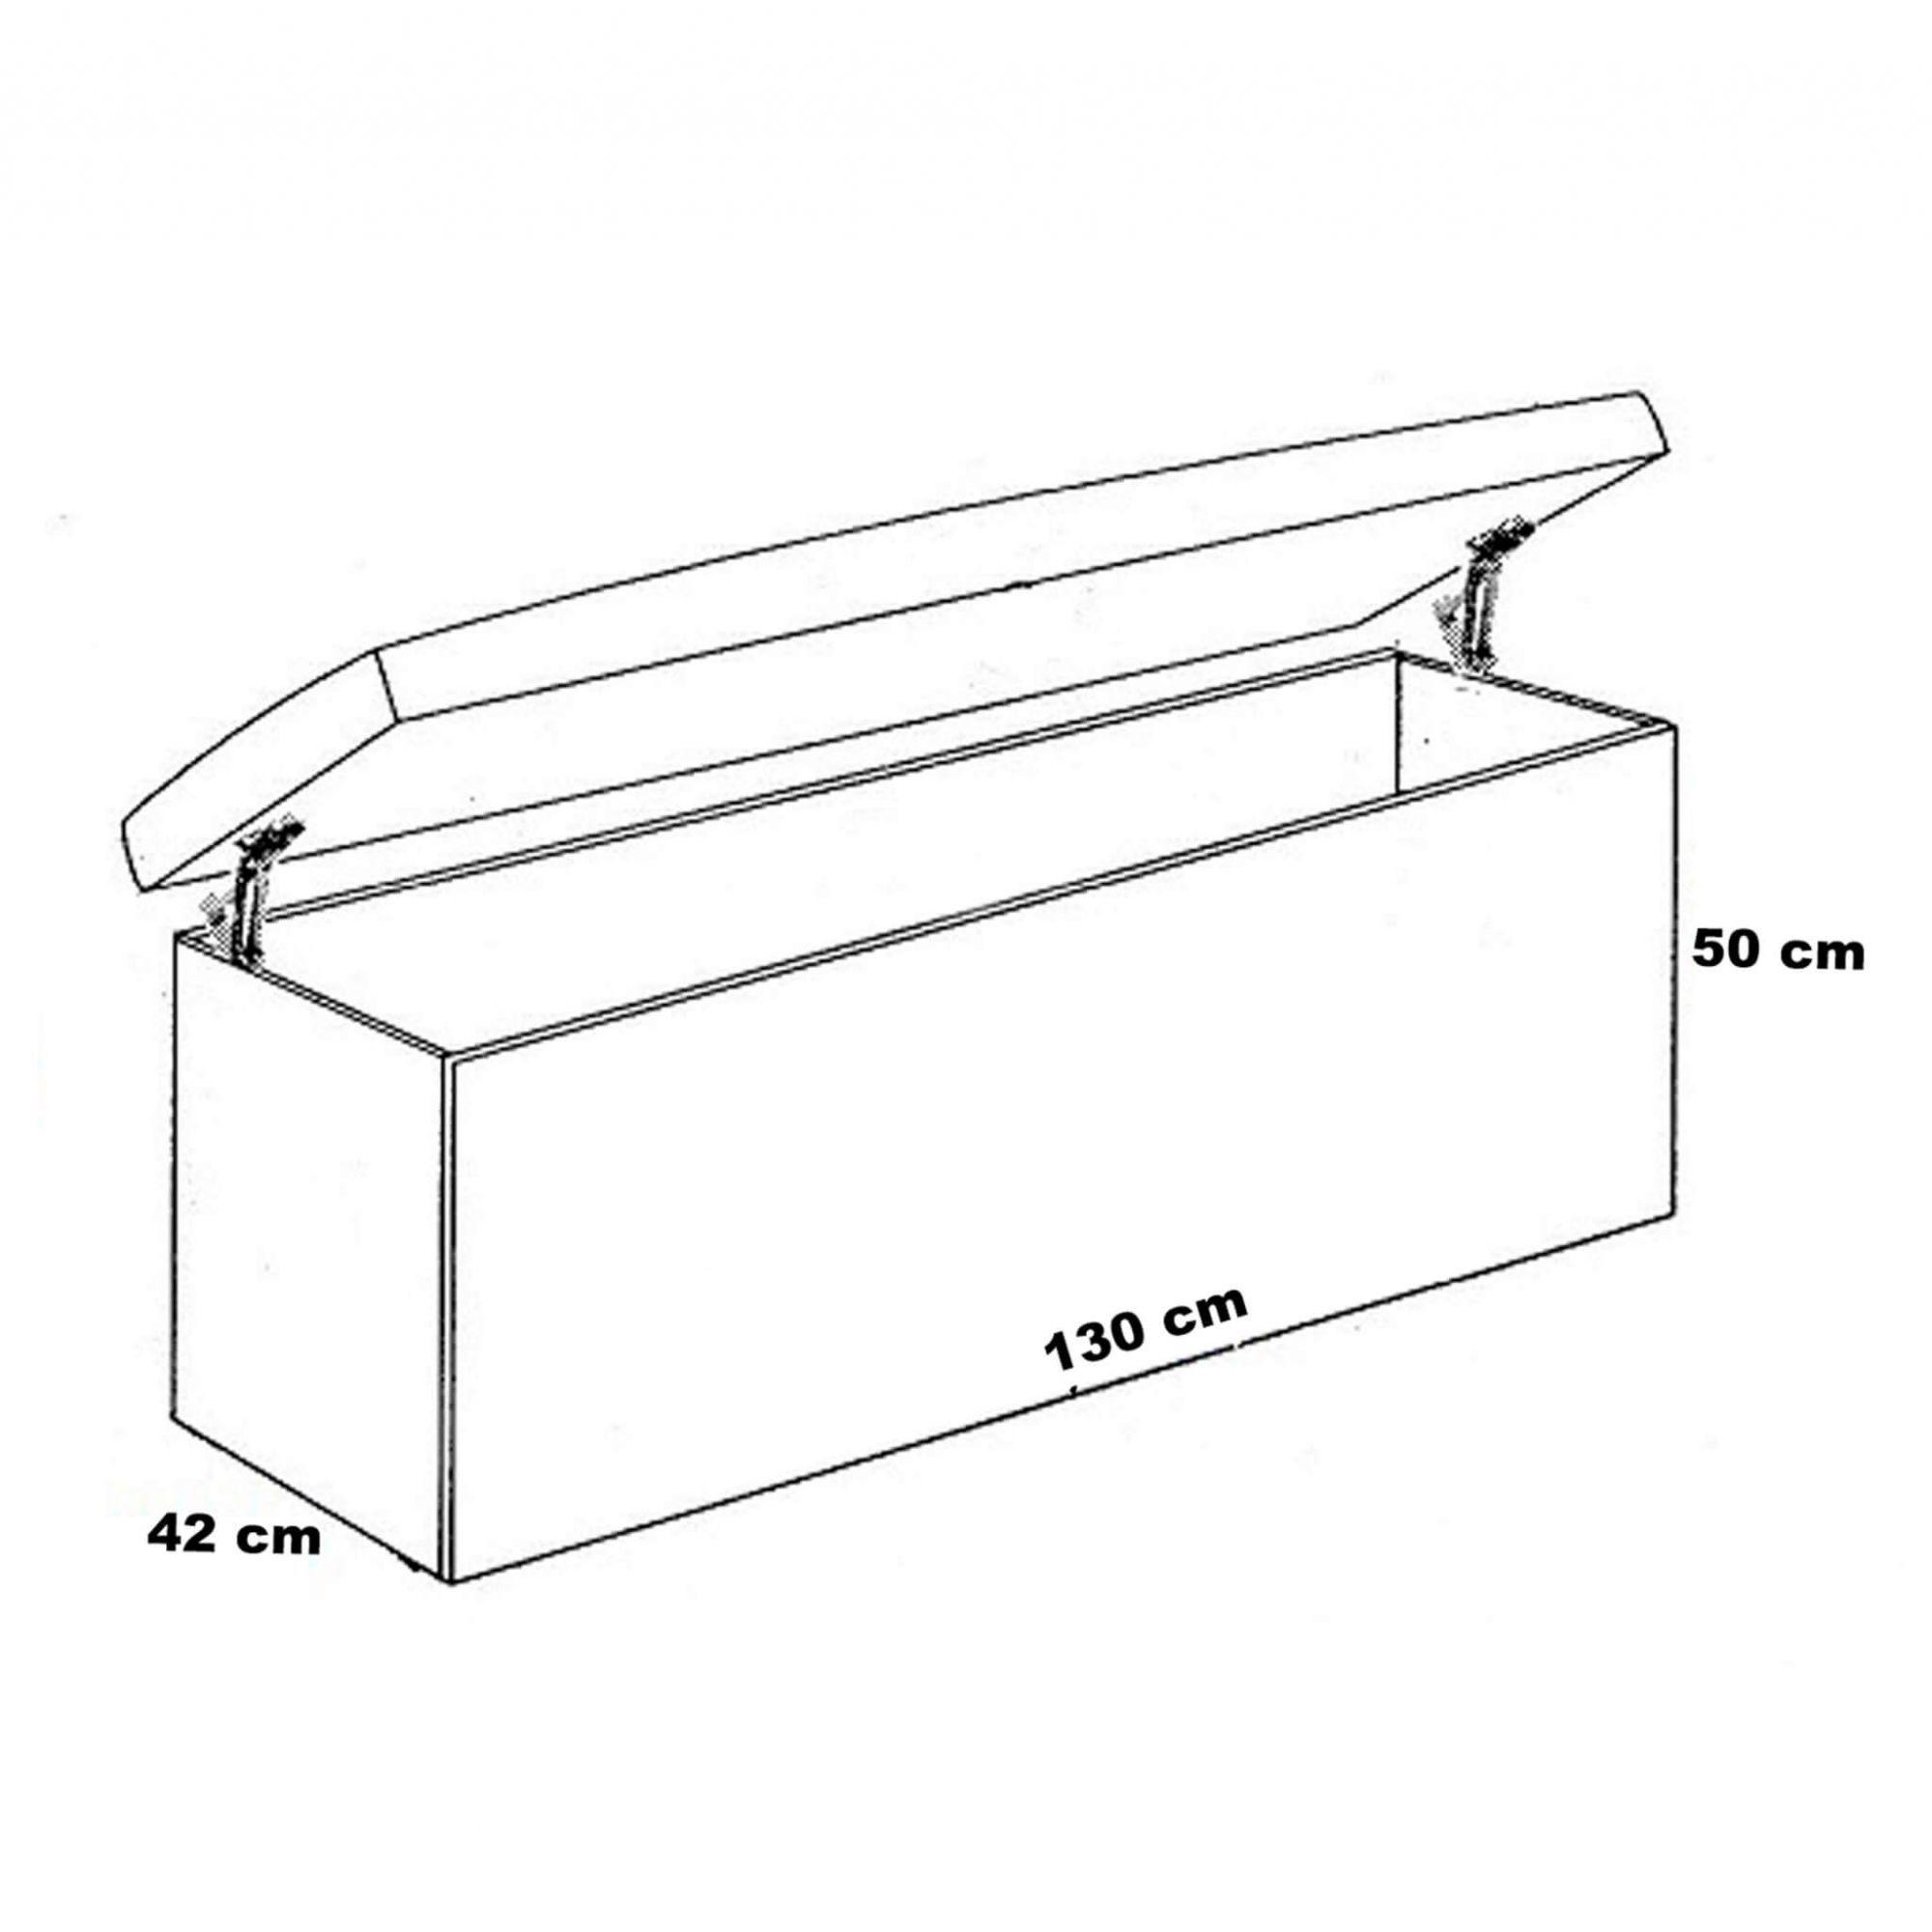 Cabeceira Box Casal com Recamier Siena 1.4 Suede Cinza - R.A Estofados